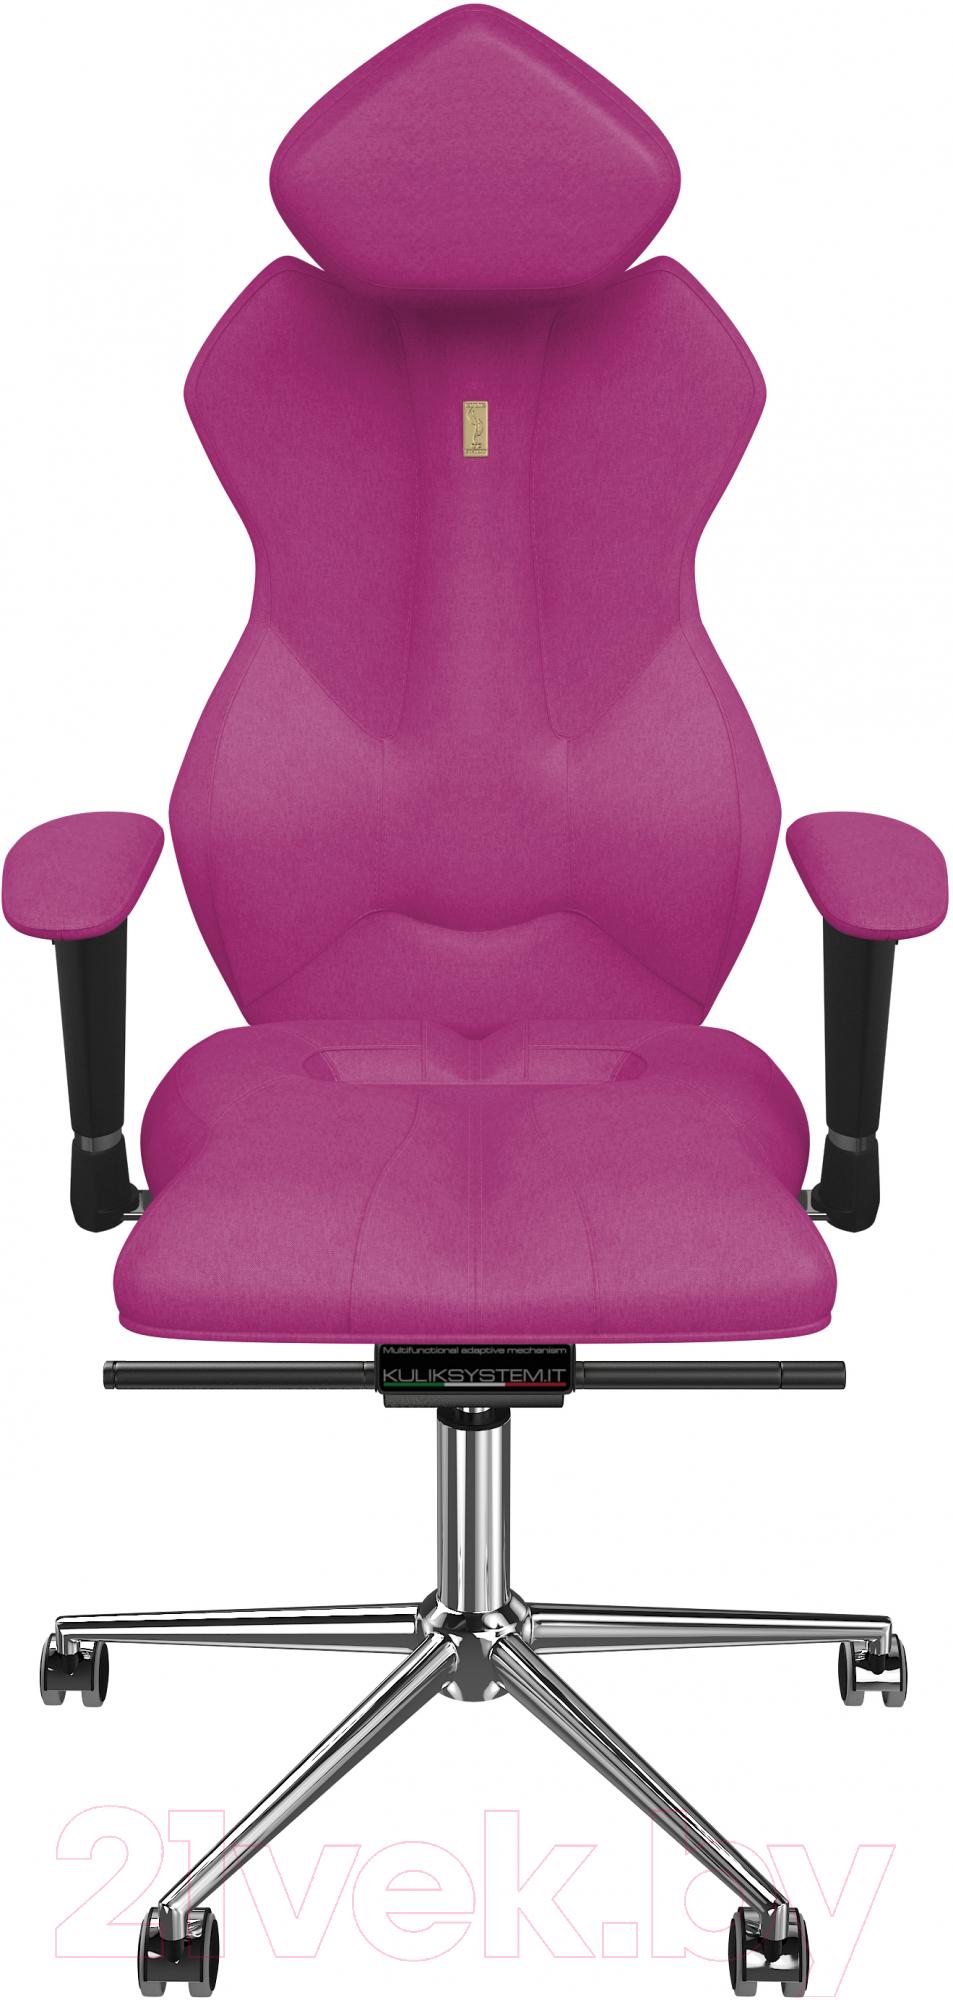 Купить Кресло офисное Kulik System, Royal азур (розовый с подголовником), Украина, Royal (Kulik System)